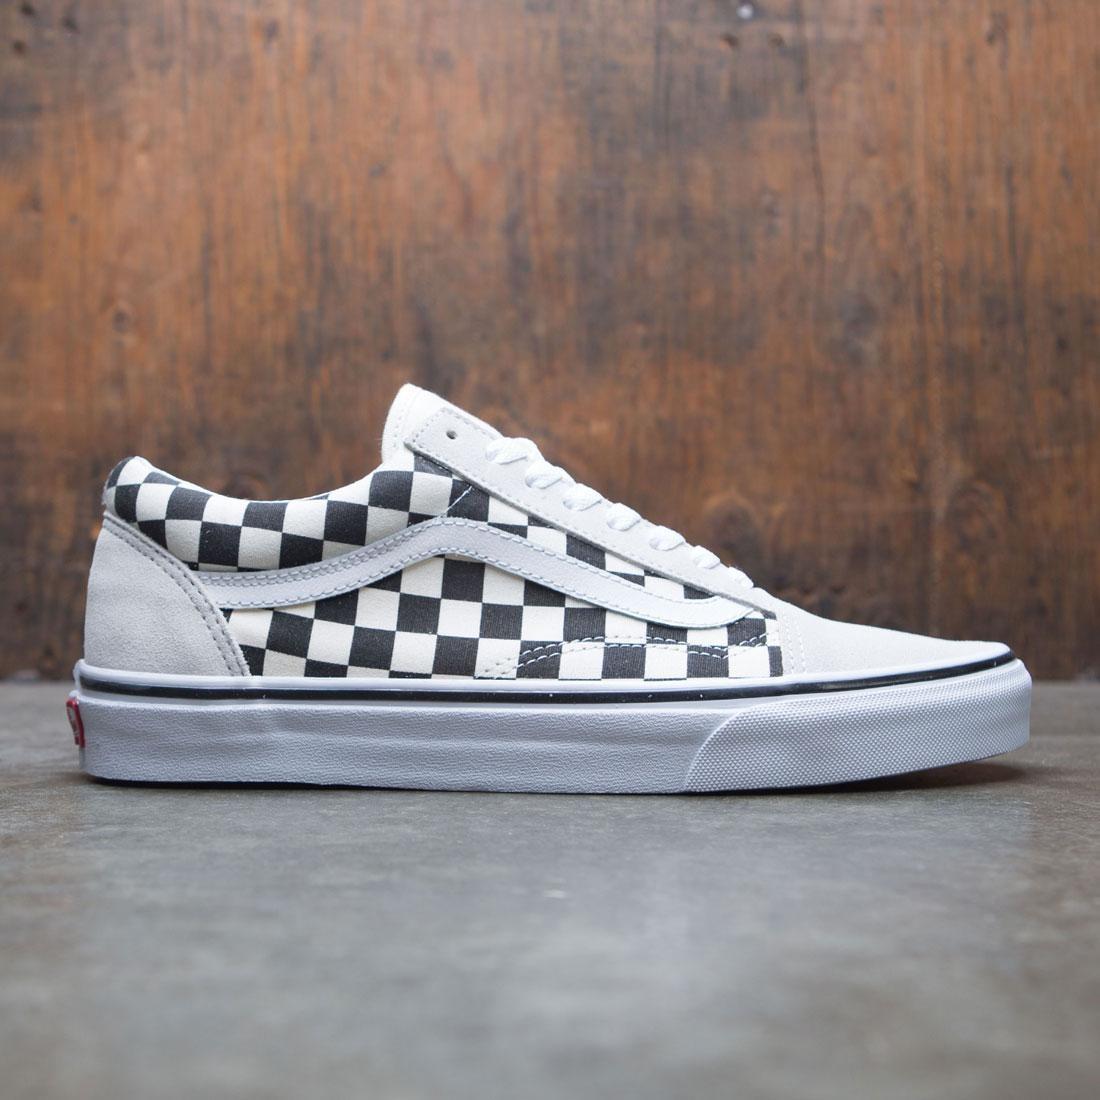 Vans Men Old Skool - Checkerboard black